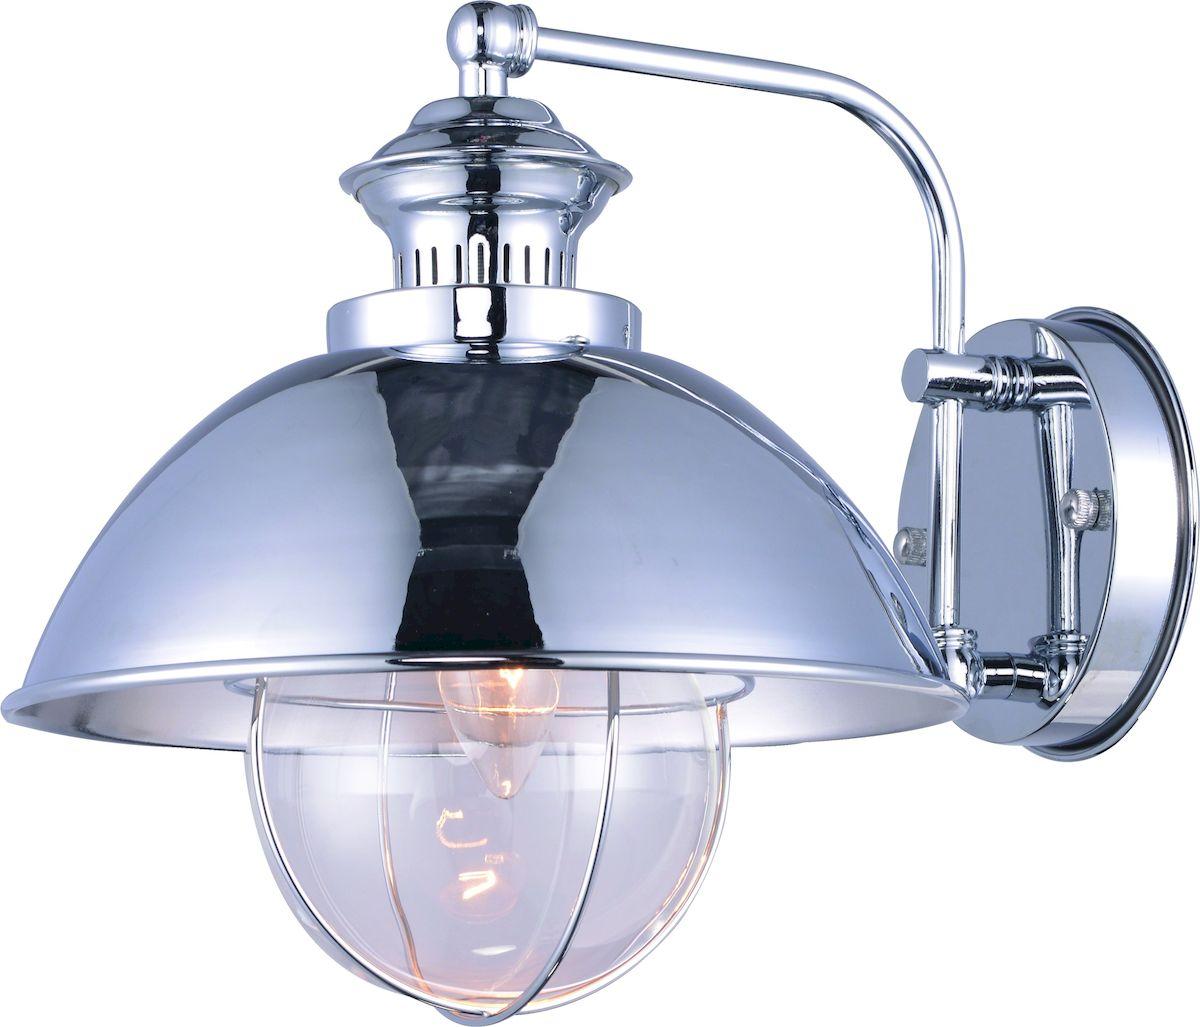 Светильник настенный Arte Lamp NAUTILUS A8024AP-1CC клиромайзер aspire nautilus киев